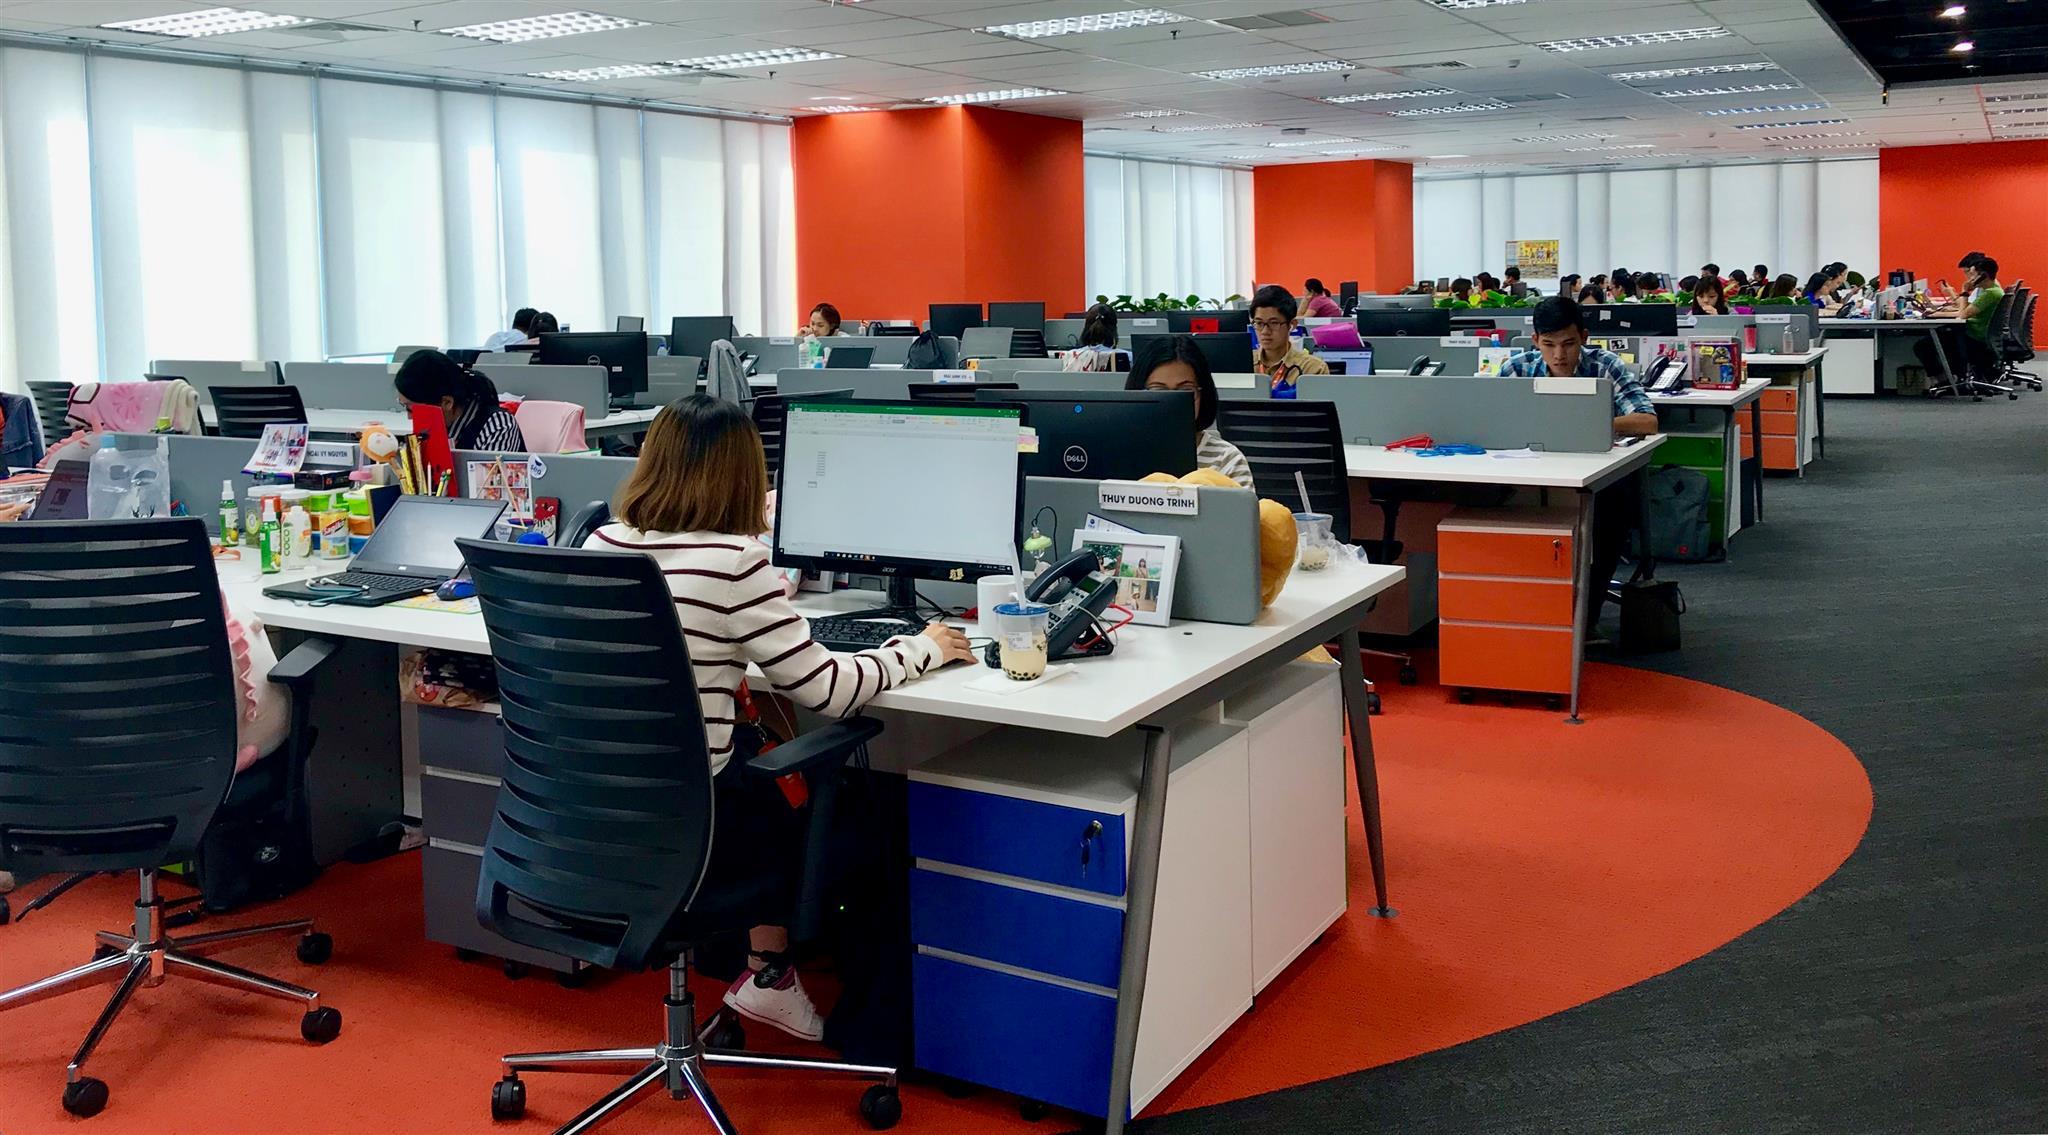 Ghé thăm văn phòng Shopee – một trong những văn phòng đẹp nhất Việt Nam |  Worker's Resort Biến 100,000 giờ trong cuộc đời trở nên hạnh phúc hơn